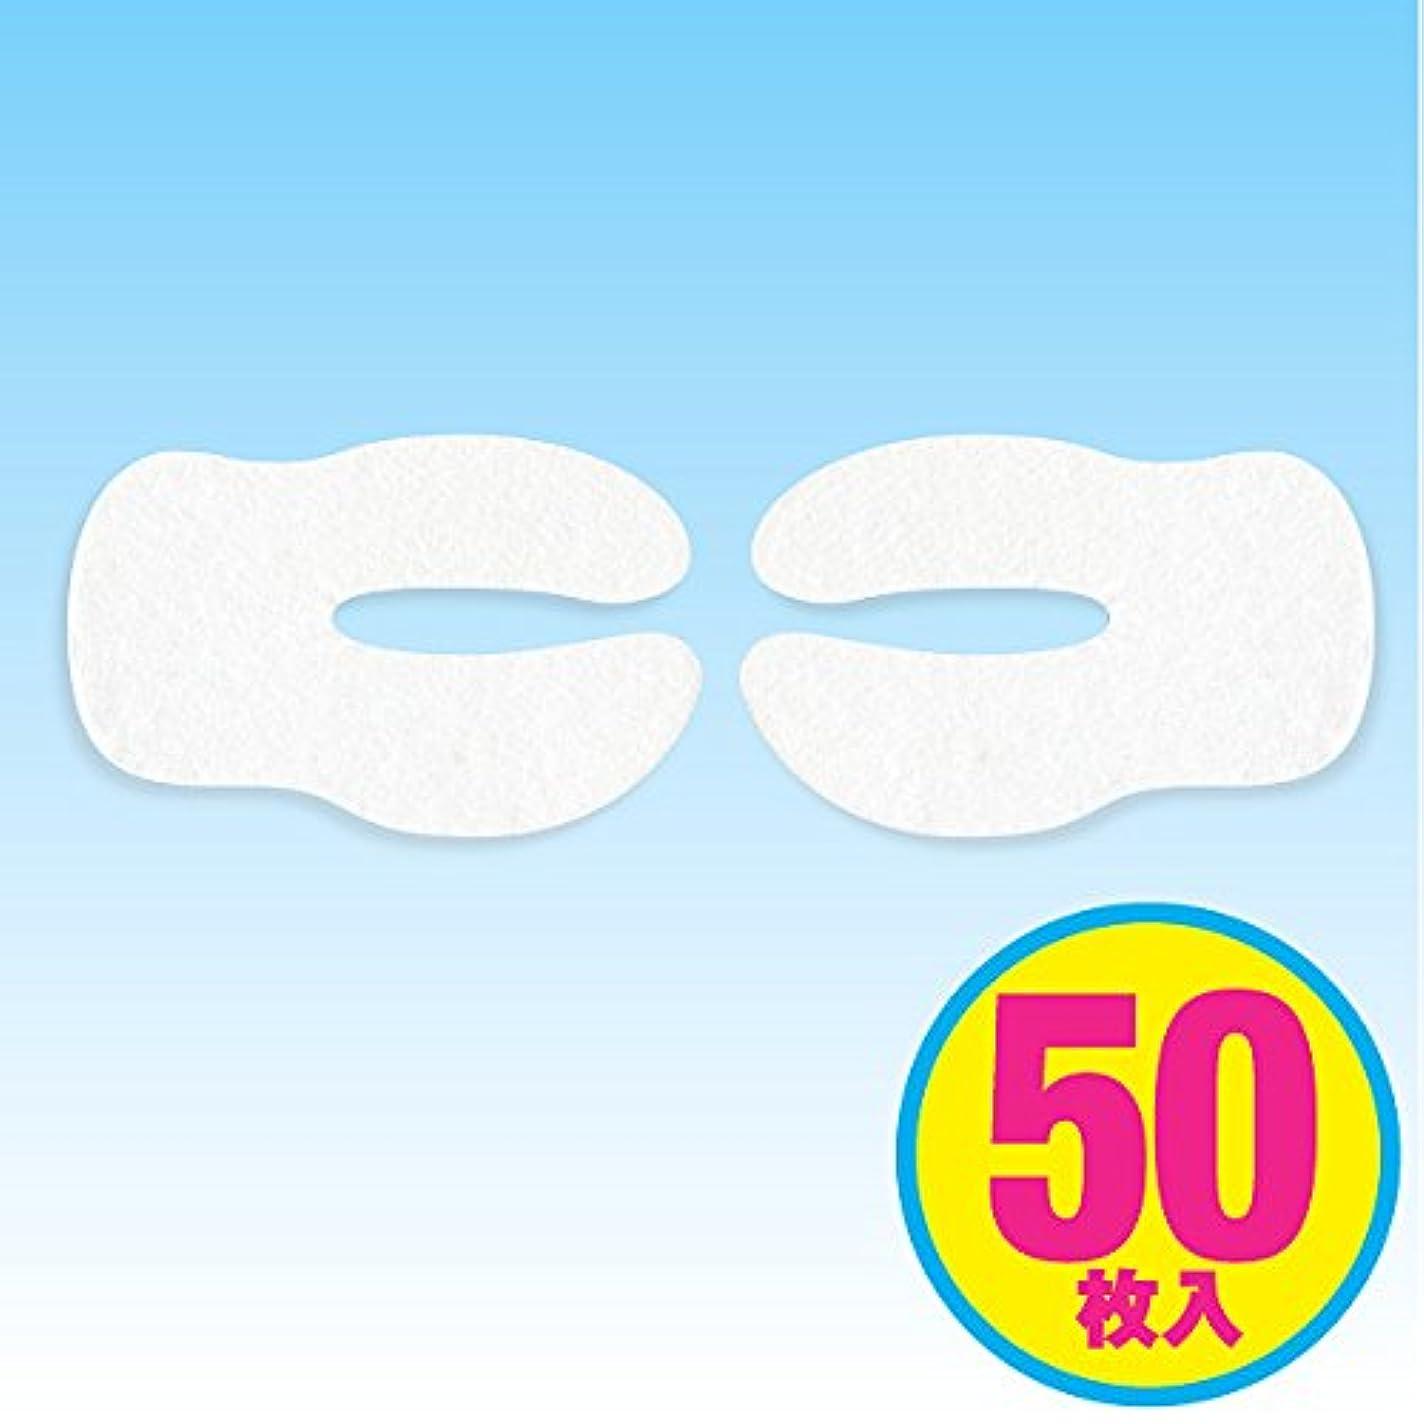 オーク針苦い気になる目尻周辺をサポート【Cゾーンシート】業務用50枚入/お気に入りの化粧水?美容液でローションパックを